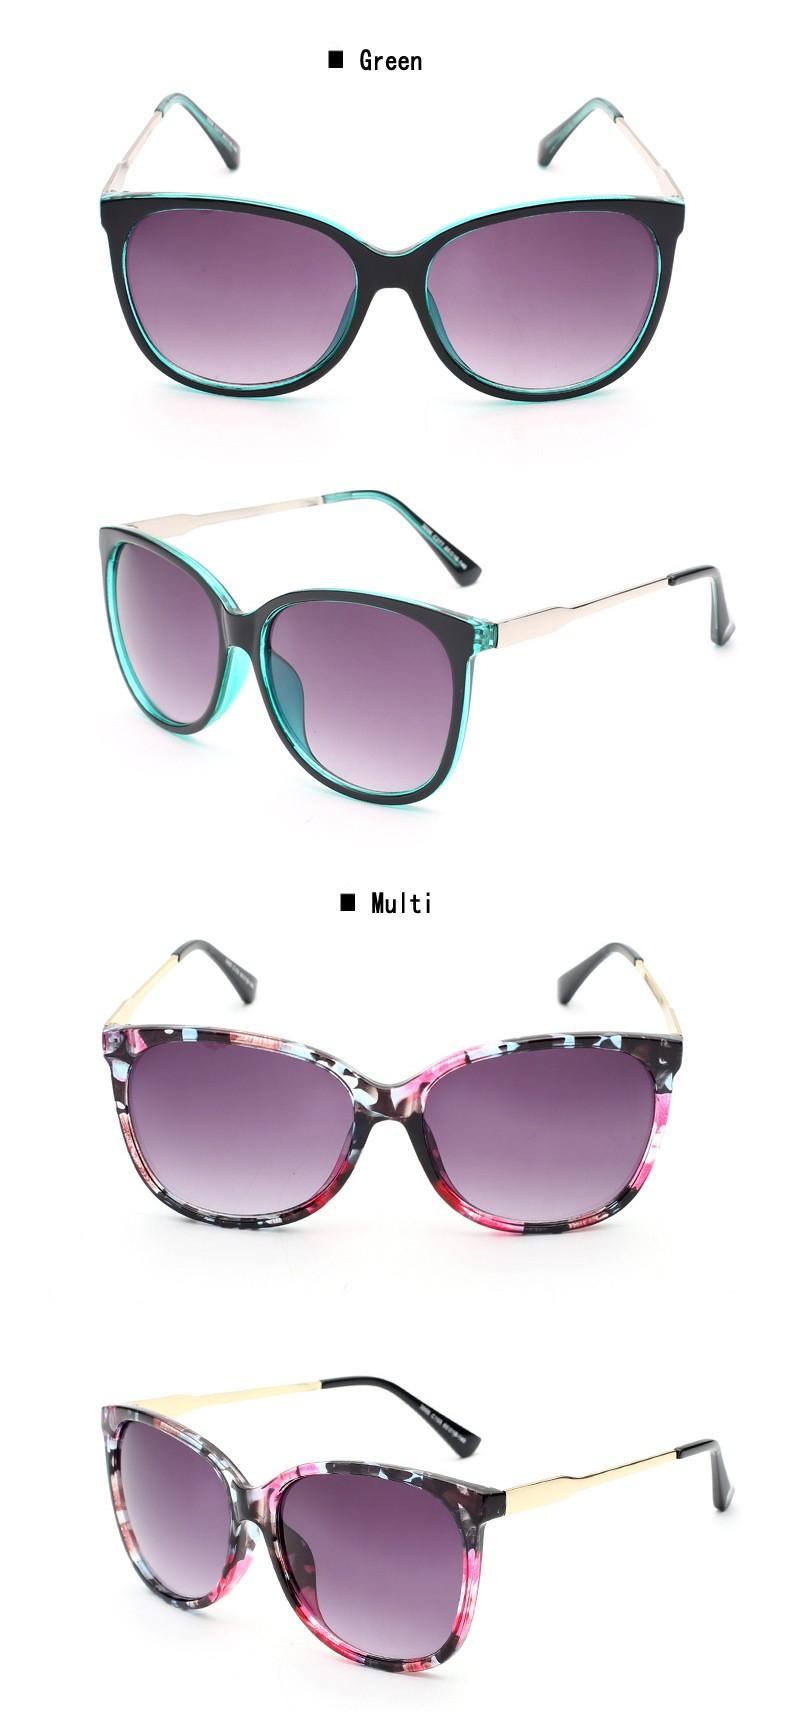 Elitera 2017 marka gwiazda styl luksusowe kobiet okularów przeciwsłonecznych kobiet ponadgabarytowych okulary rocznika zewnątrz okulary oculos de sol 3006 9